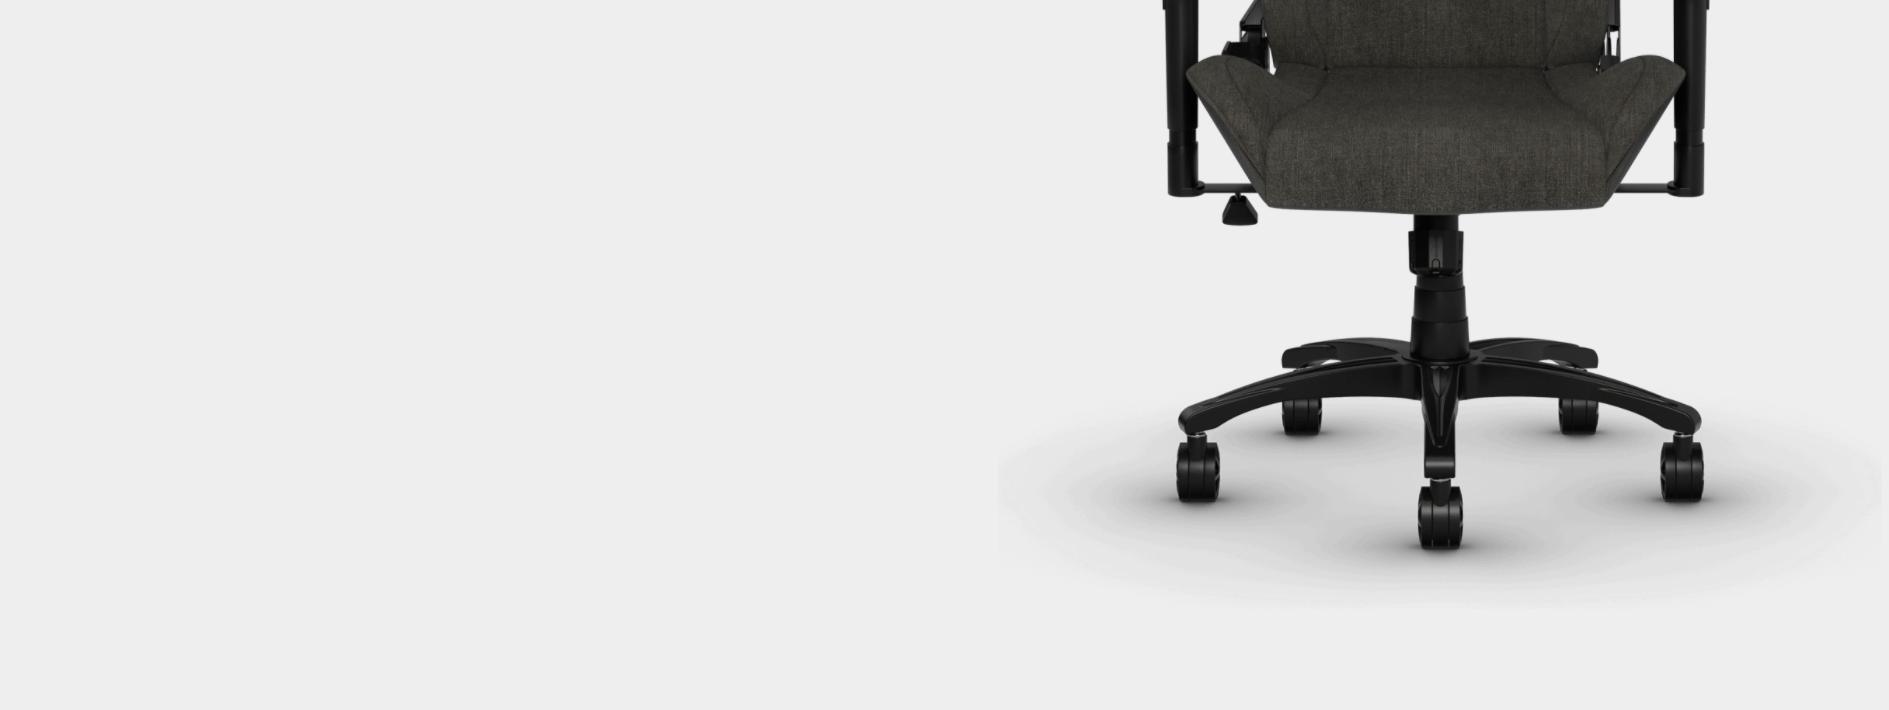 Ghế Game Corsair T3 RUSH Gray-White có thể di chuyển trên nhiều bề mặt khác nhau